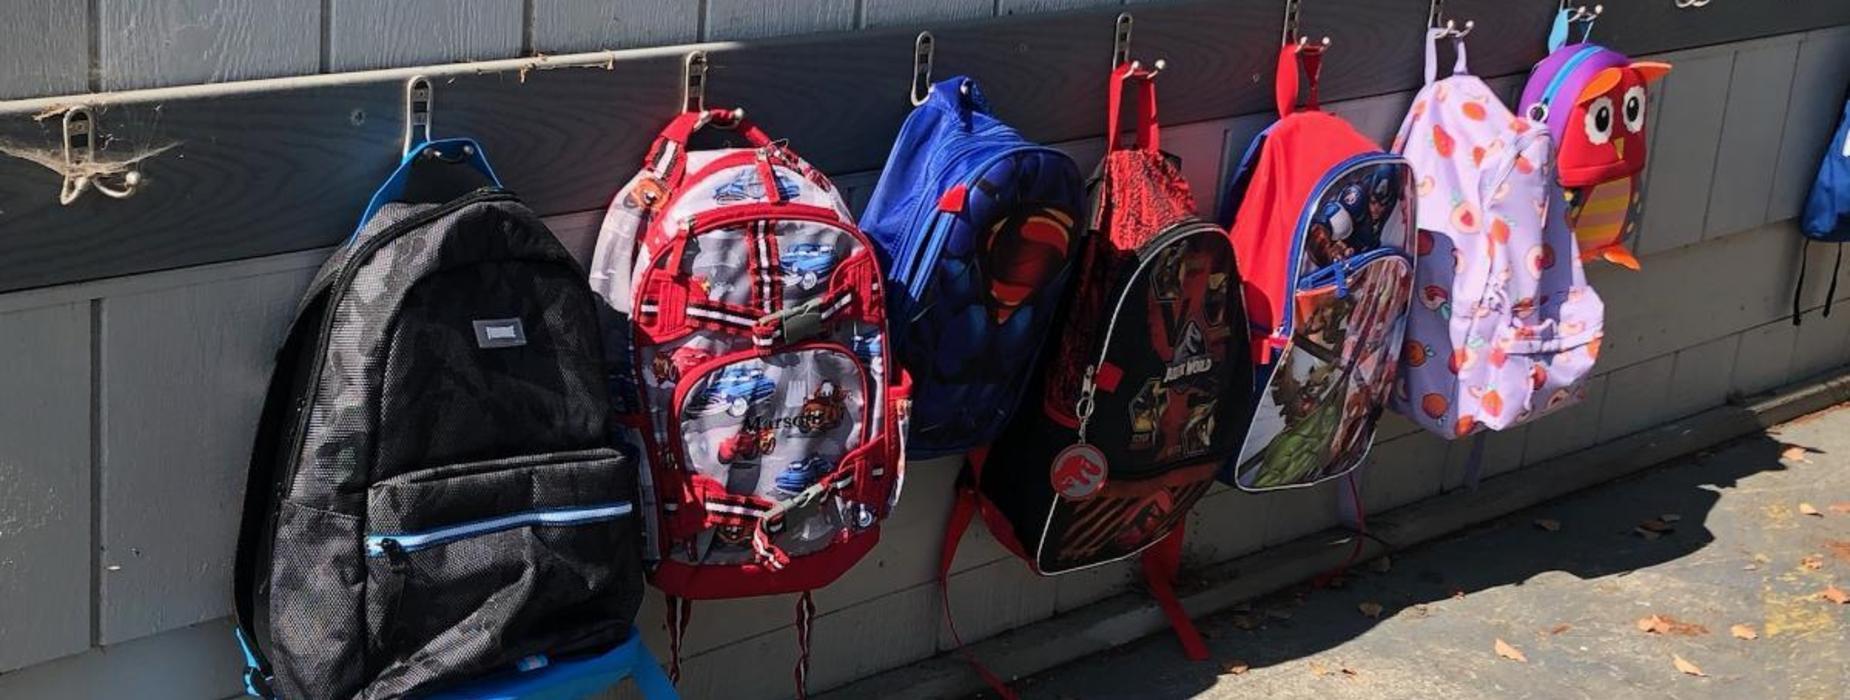 Backpacks hanged outside classroom